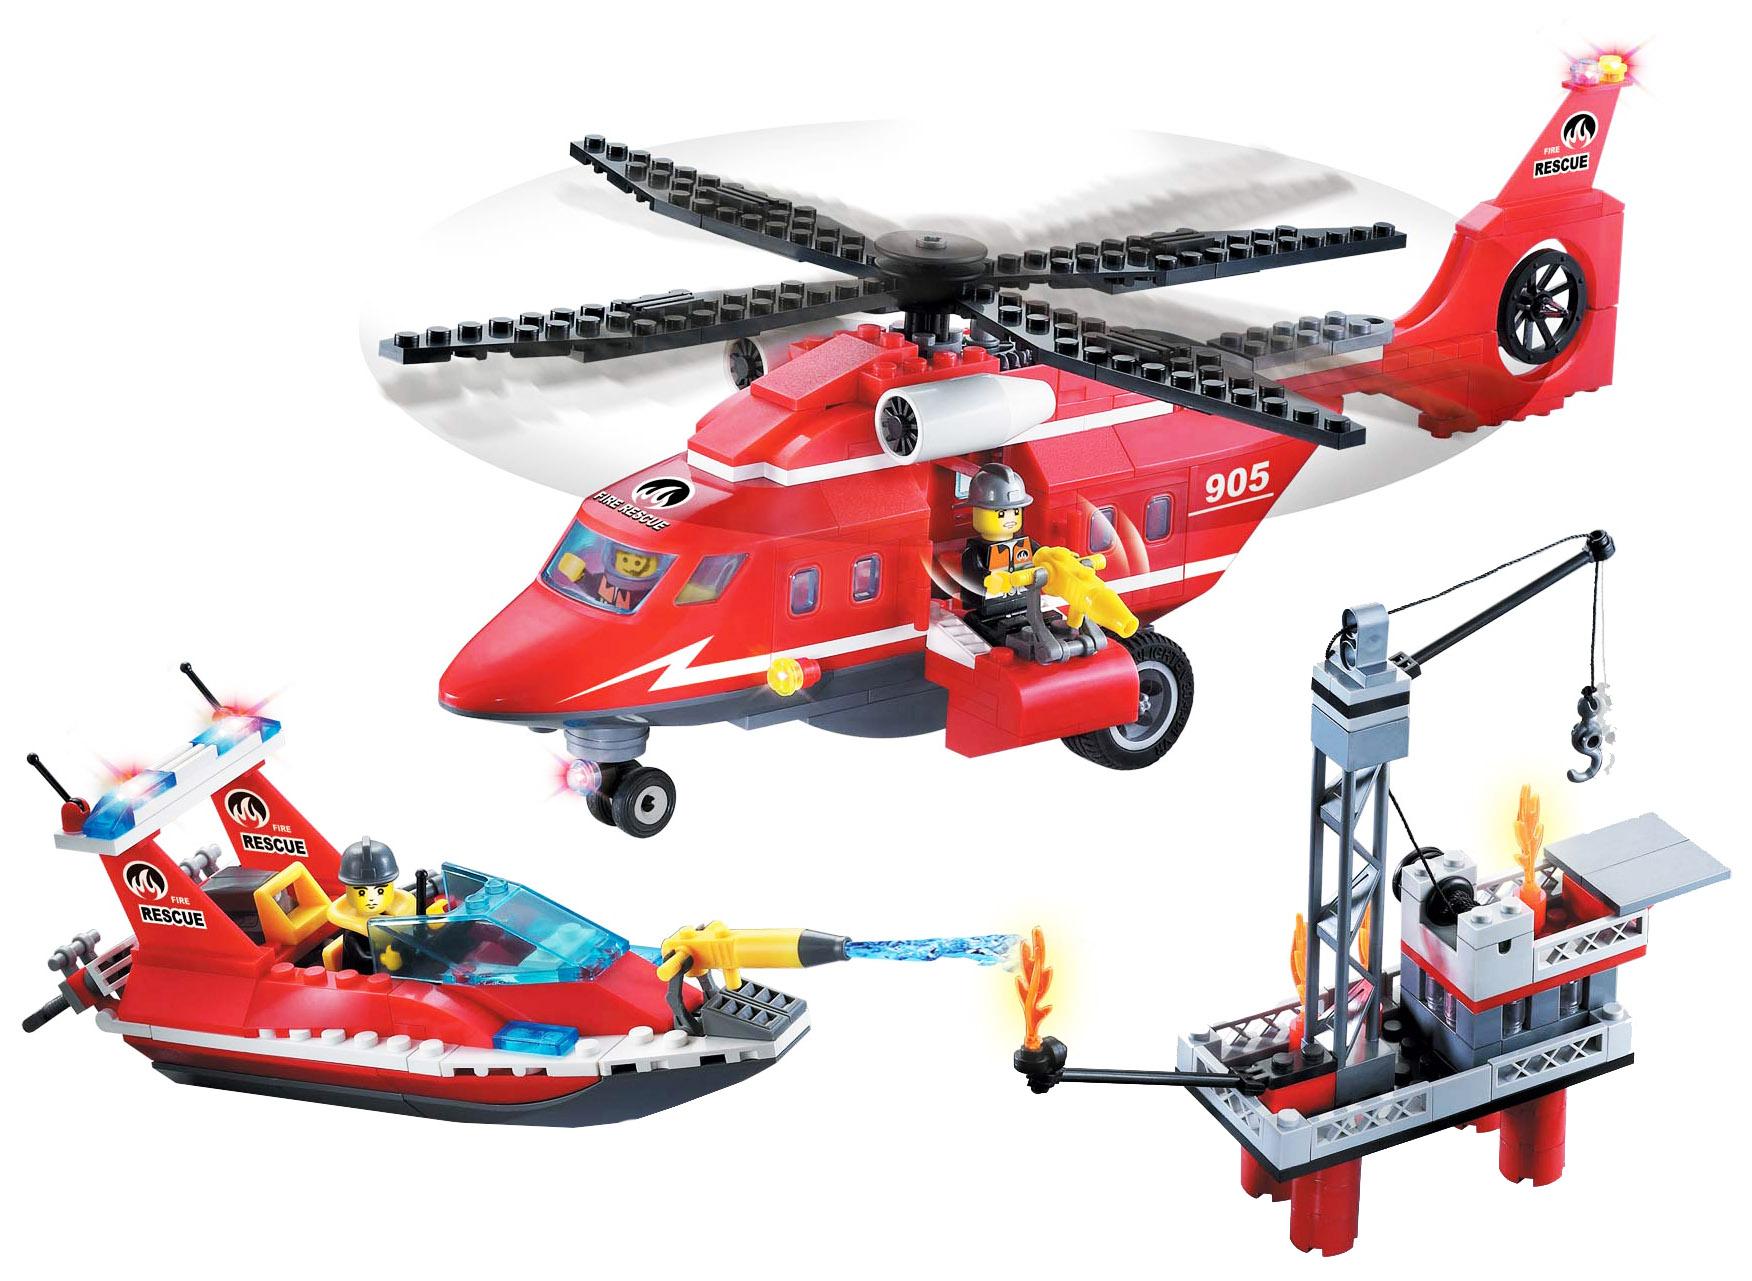 Конструктор пластиковый Brick Fire Rescue, 404 дет.